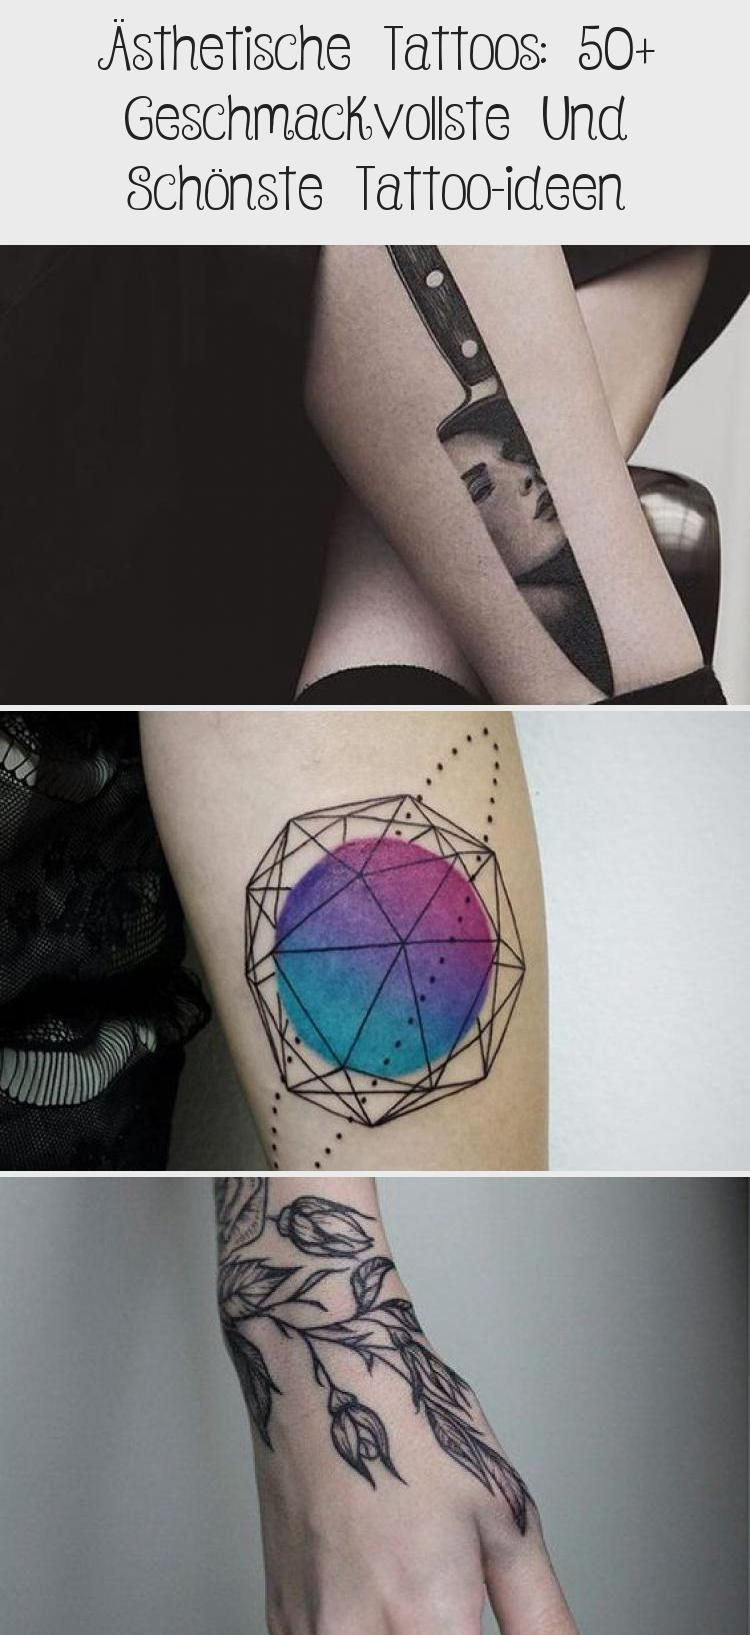 Ästhetische Tattoos: 50+ leckerste und schönste Tattoo-Ideen #asthetic ...   - Tattoo Art #Art #asthetic #Ästhetische #leckerste #schönste #Tattoo #TattooIdeen #Tattoos #und #tattoo #handgelenk #tattoohandgelenk